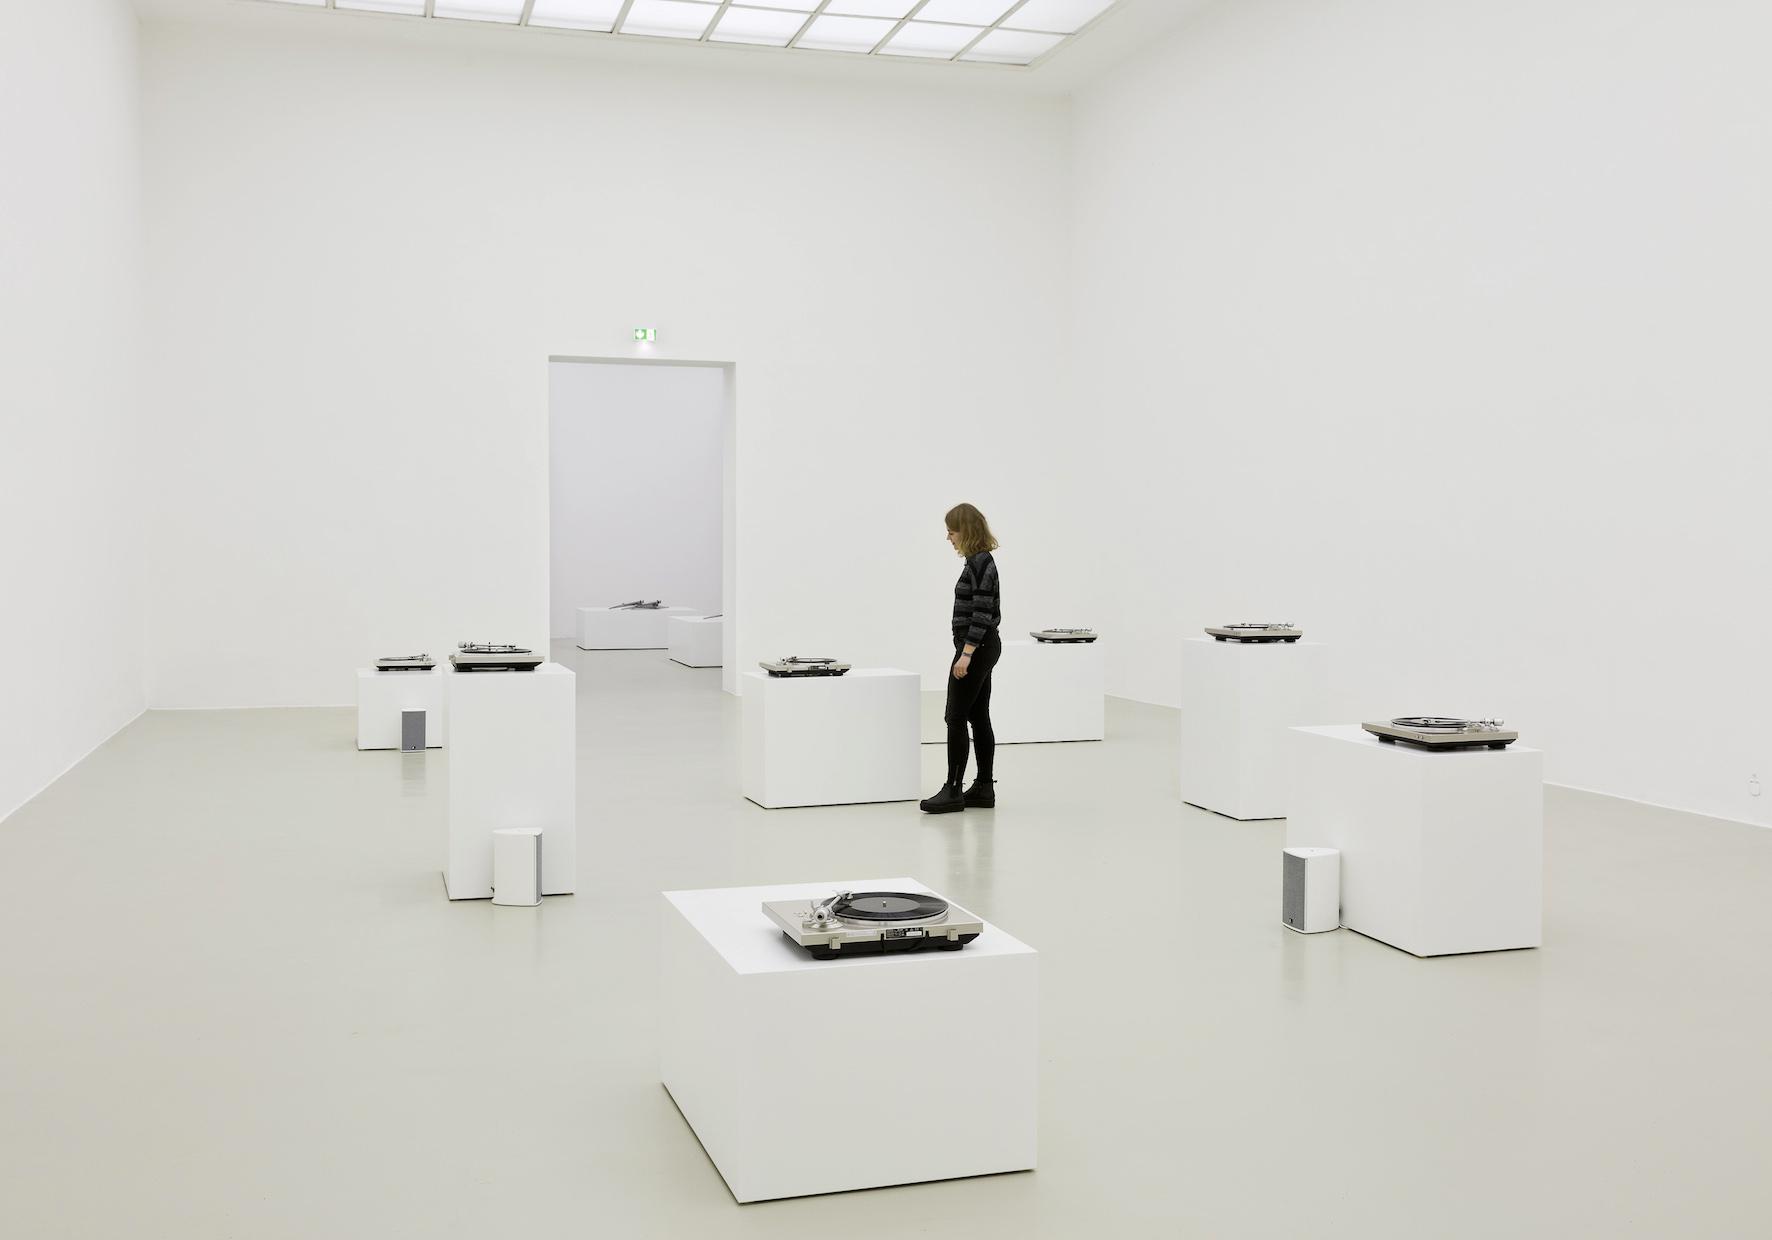 Susan Philipsz. Seven Tears, 2016. Ausstellungsansicht Kunstverein Hannover 2016. Courtesy Galerie Isabella Bortolozzi, Berlin, und Tanya Bonakdar Gallery, New York. Foto: Raimund Zakowski